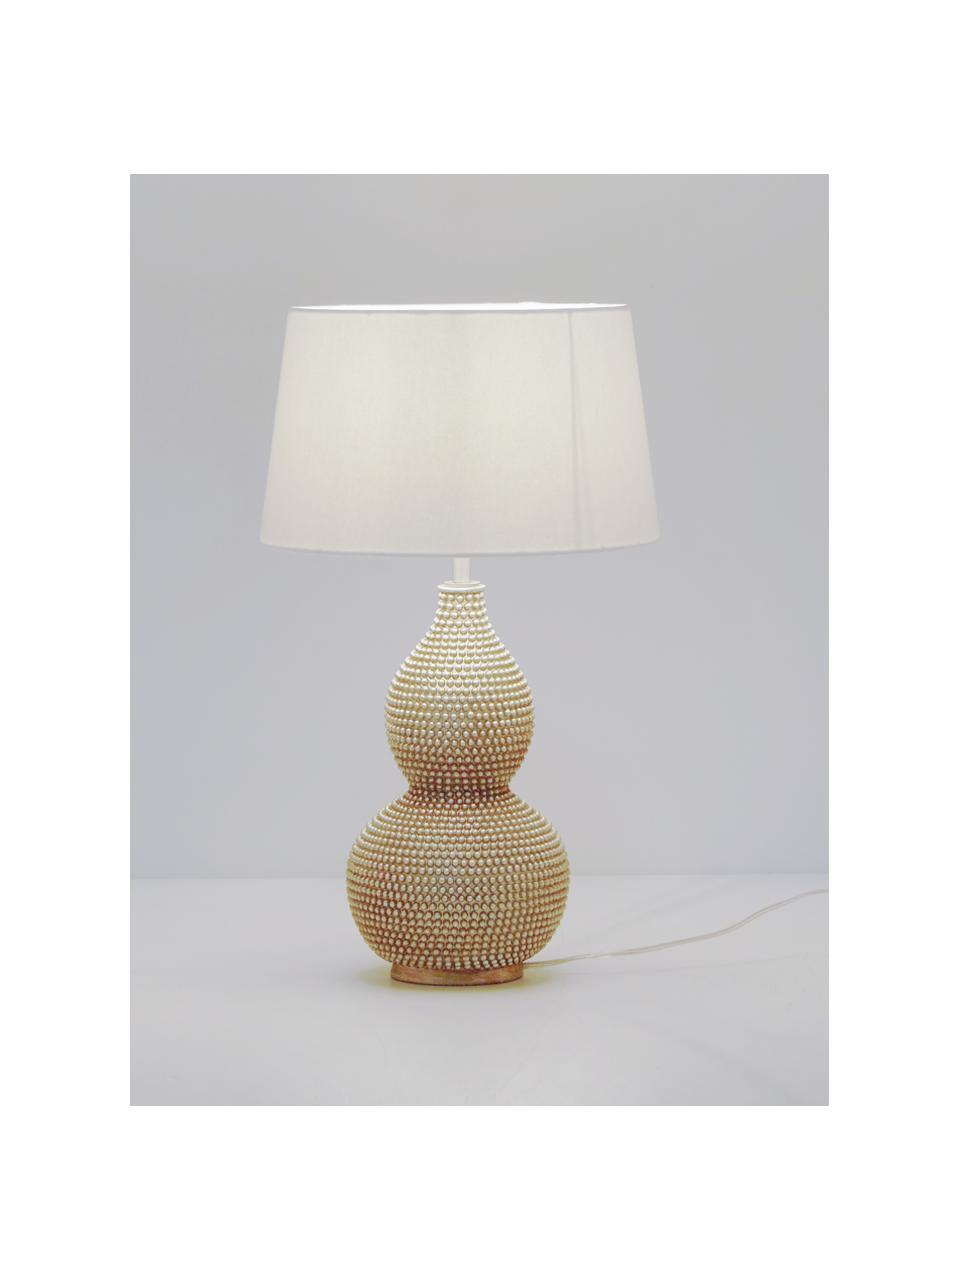 Große Boho-Tischlampe Lofty in Silber, Lampenschirm: Polyester, Lampenfuß: Metall, beschichtet, Weiß, Ø 33 x H 58 cm